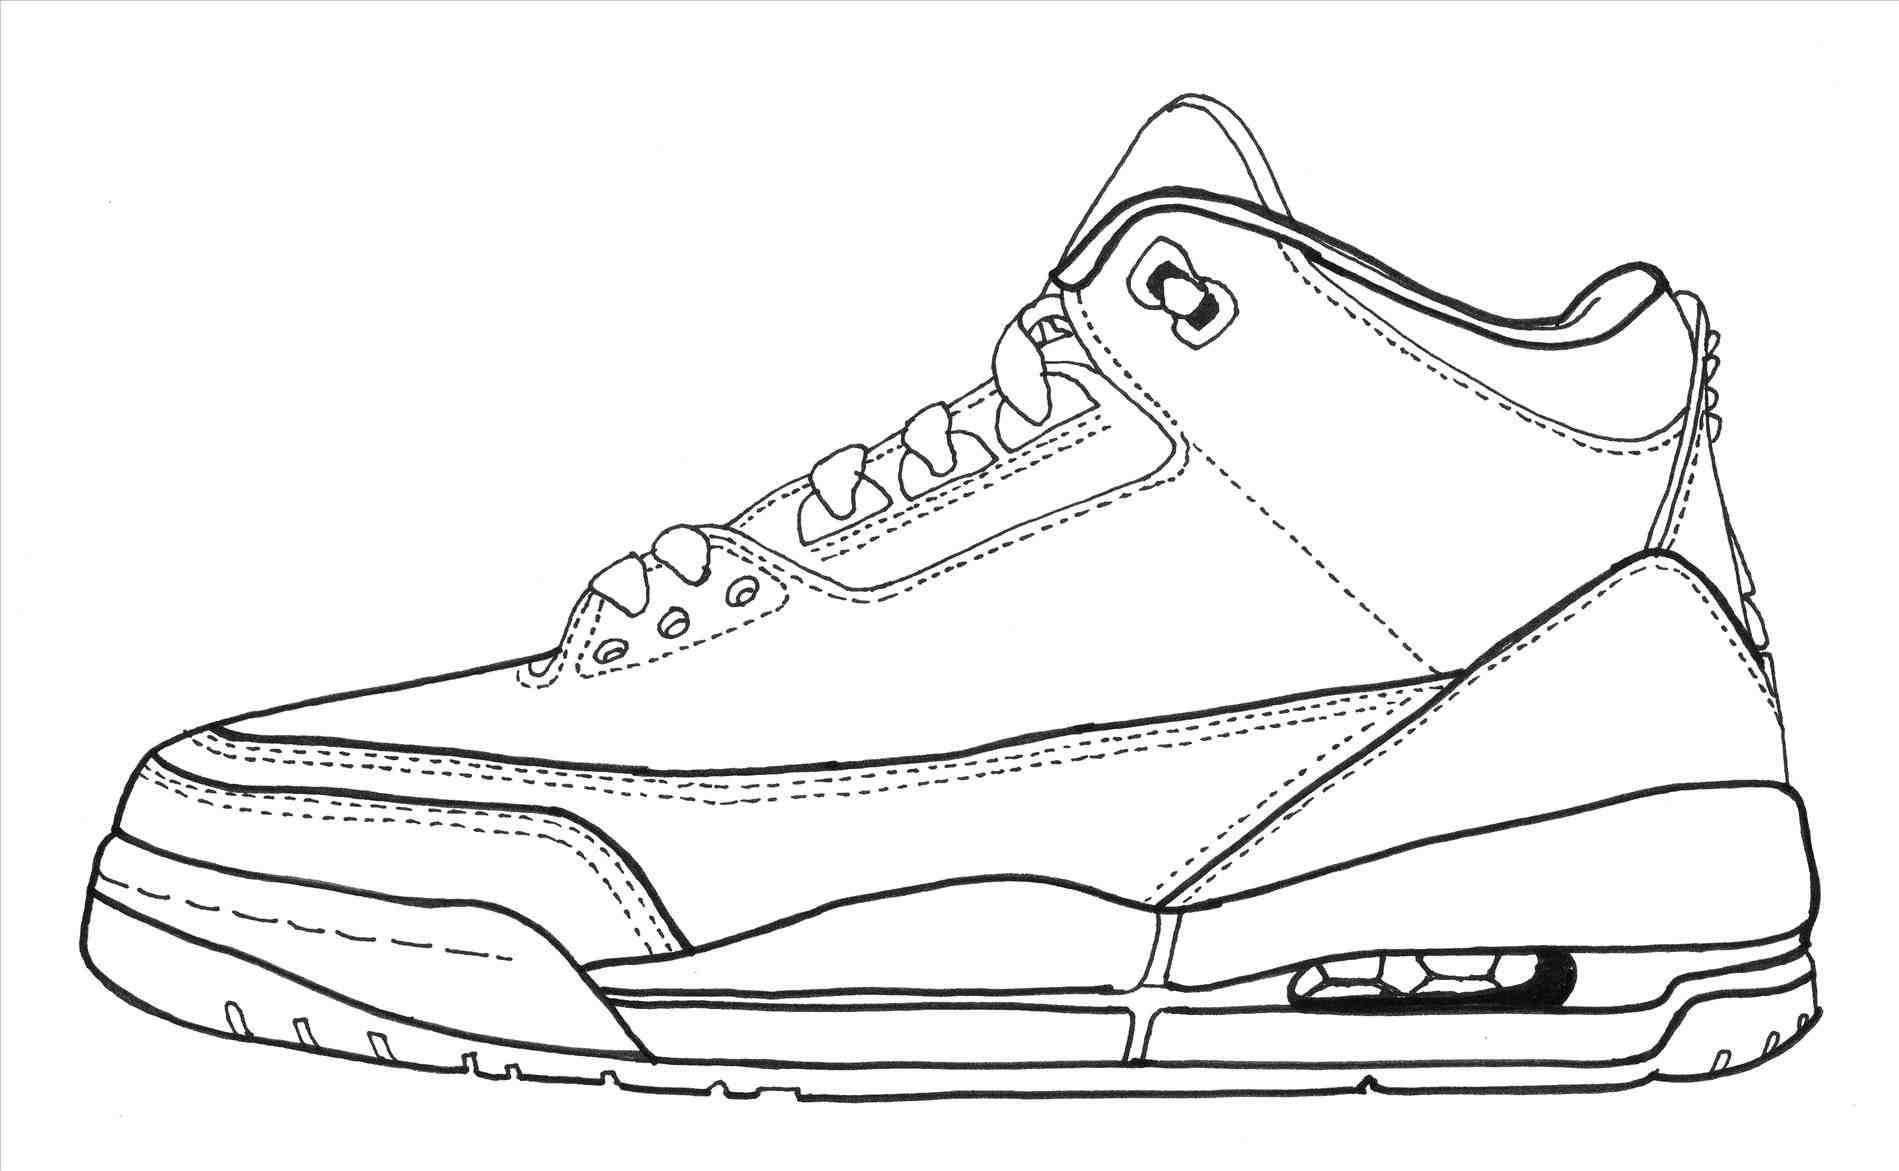 1899x1171 Air Jordan Drawings Air Jordan 6 Drawings